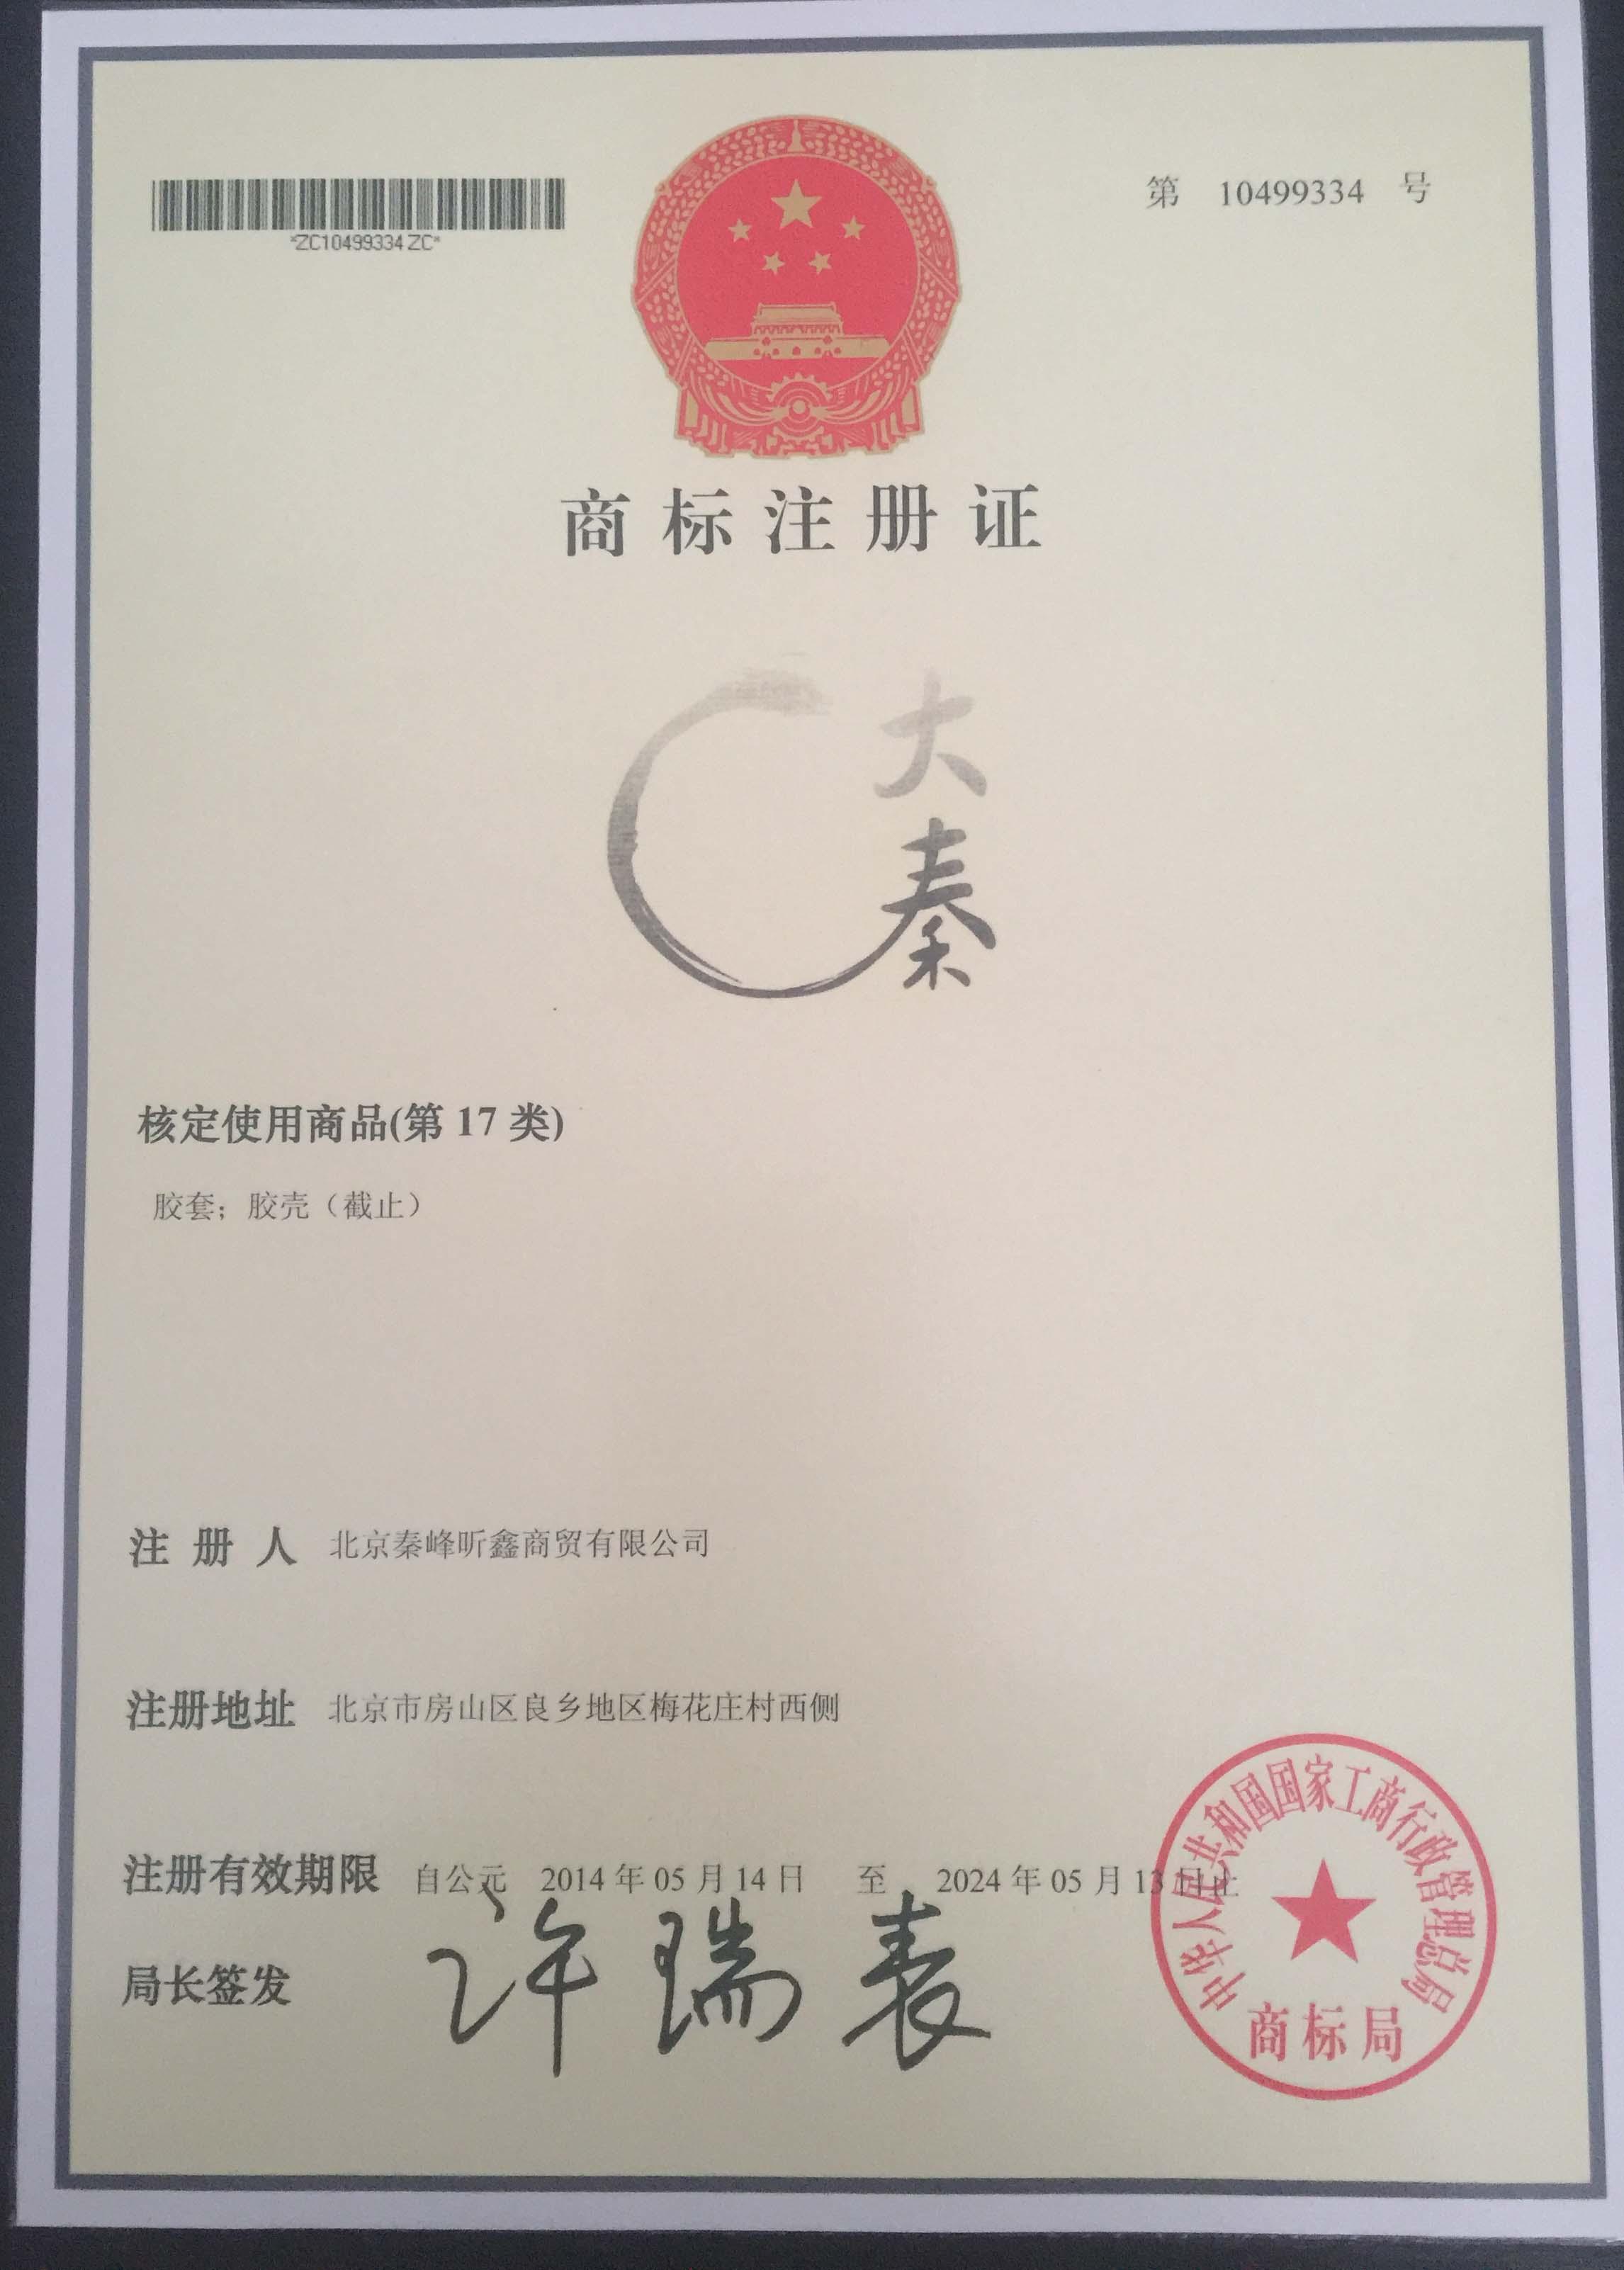 大秦 17类商标注册证